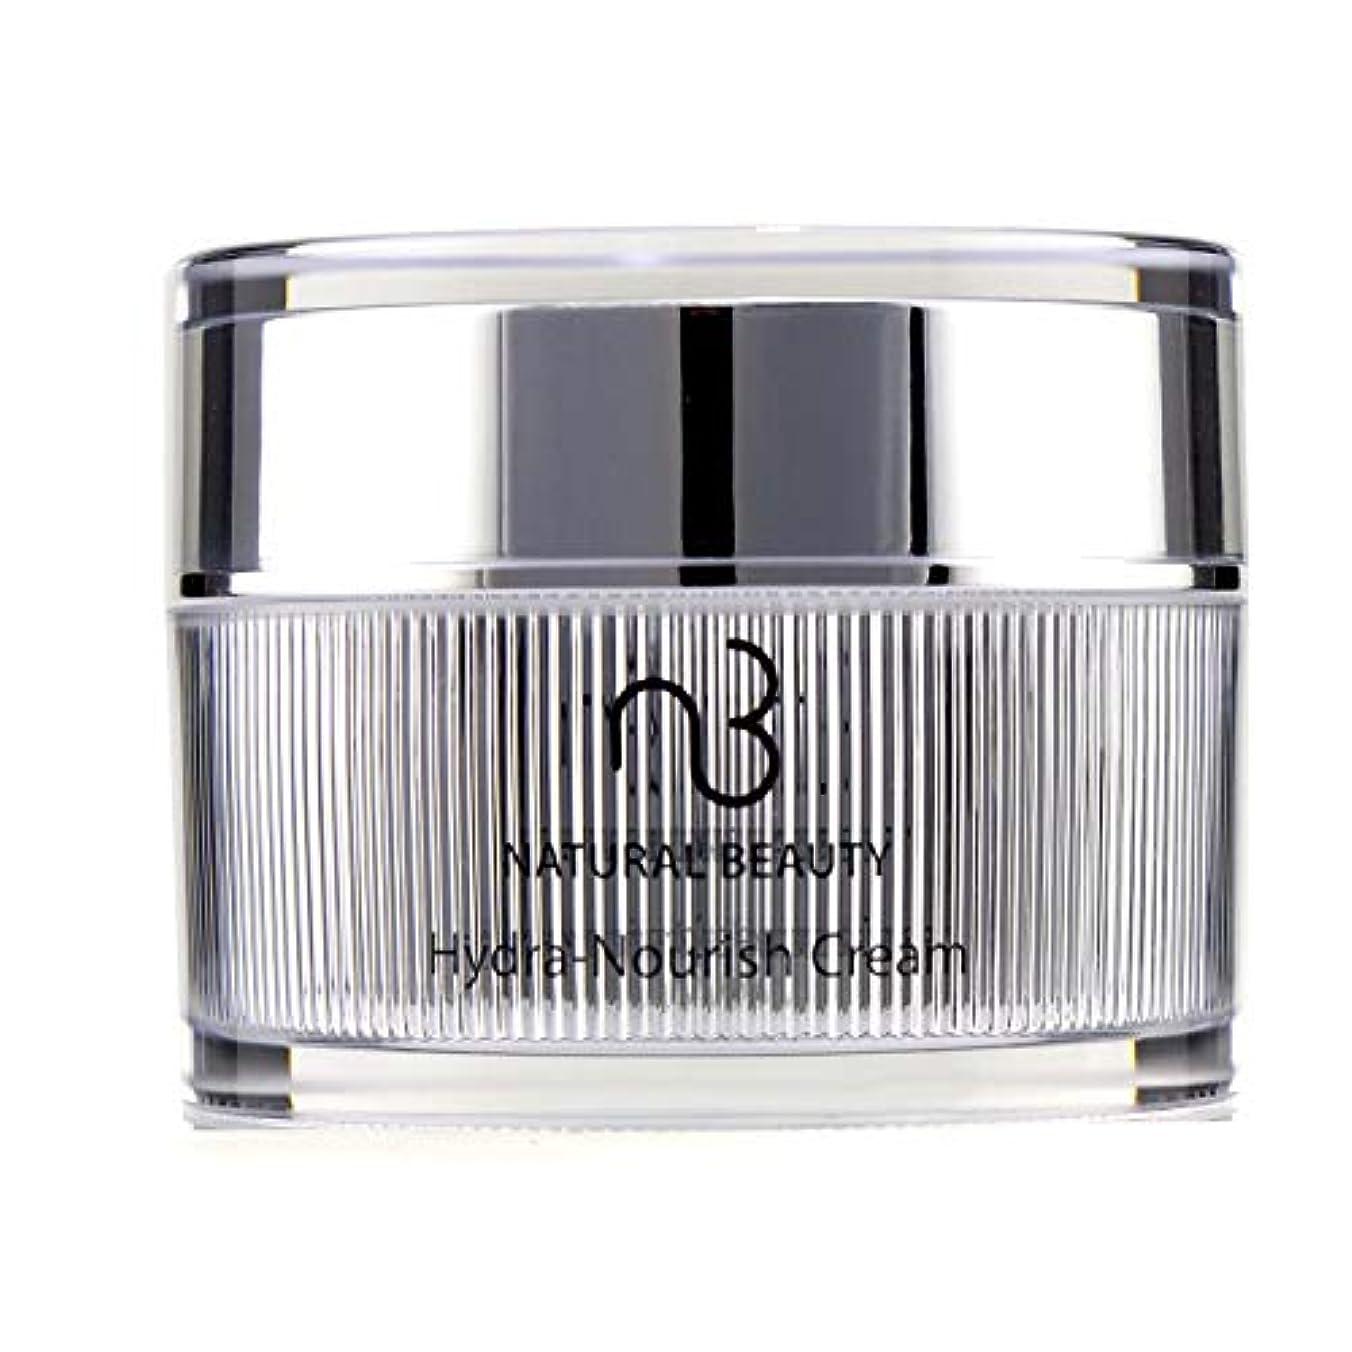 自然の美 ハイドラナリッシュクリーム Natural Beauty Hydra-Nourish Cream 30ml/1oz並行輸入品